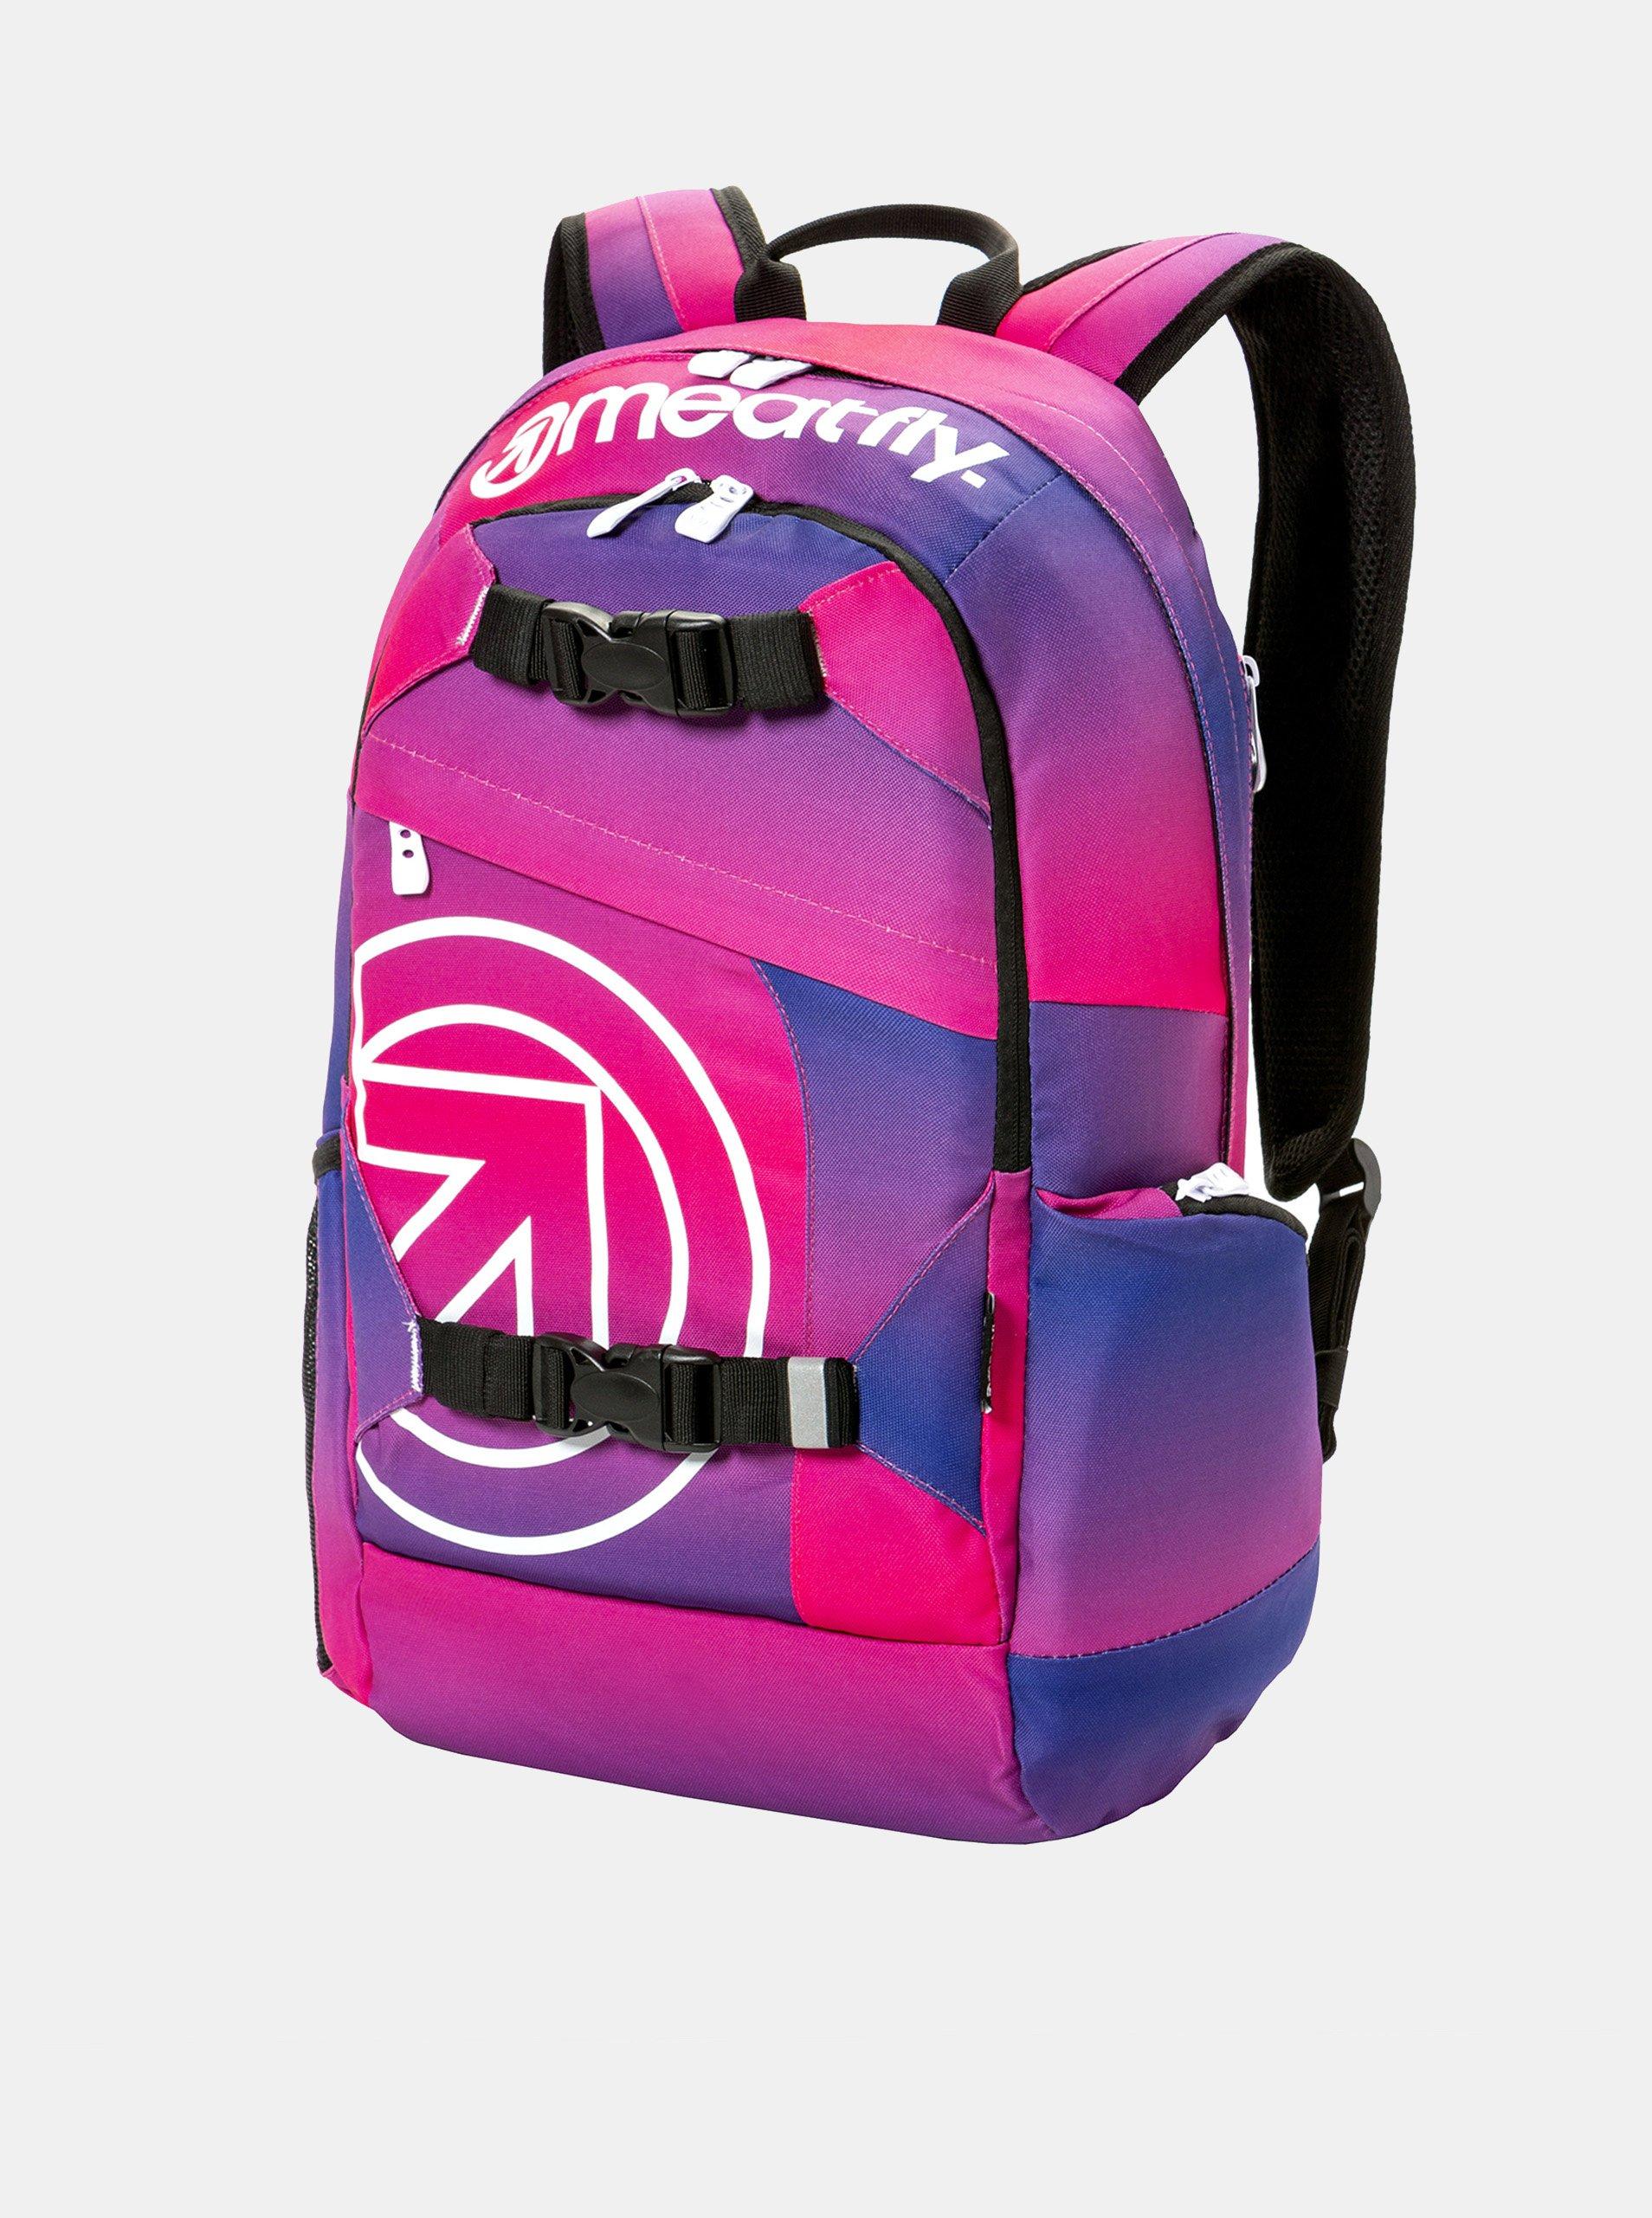 Fotografie Fialovo-růžový batoh s potiskem a penálem 2v1 Meatfly 20 l